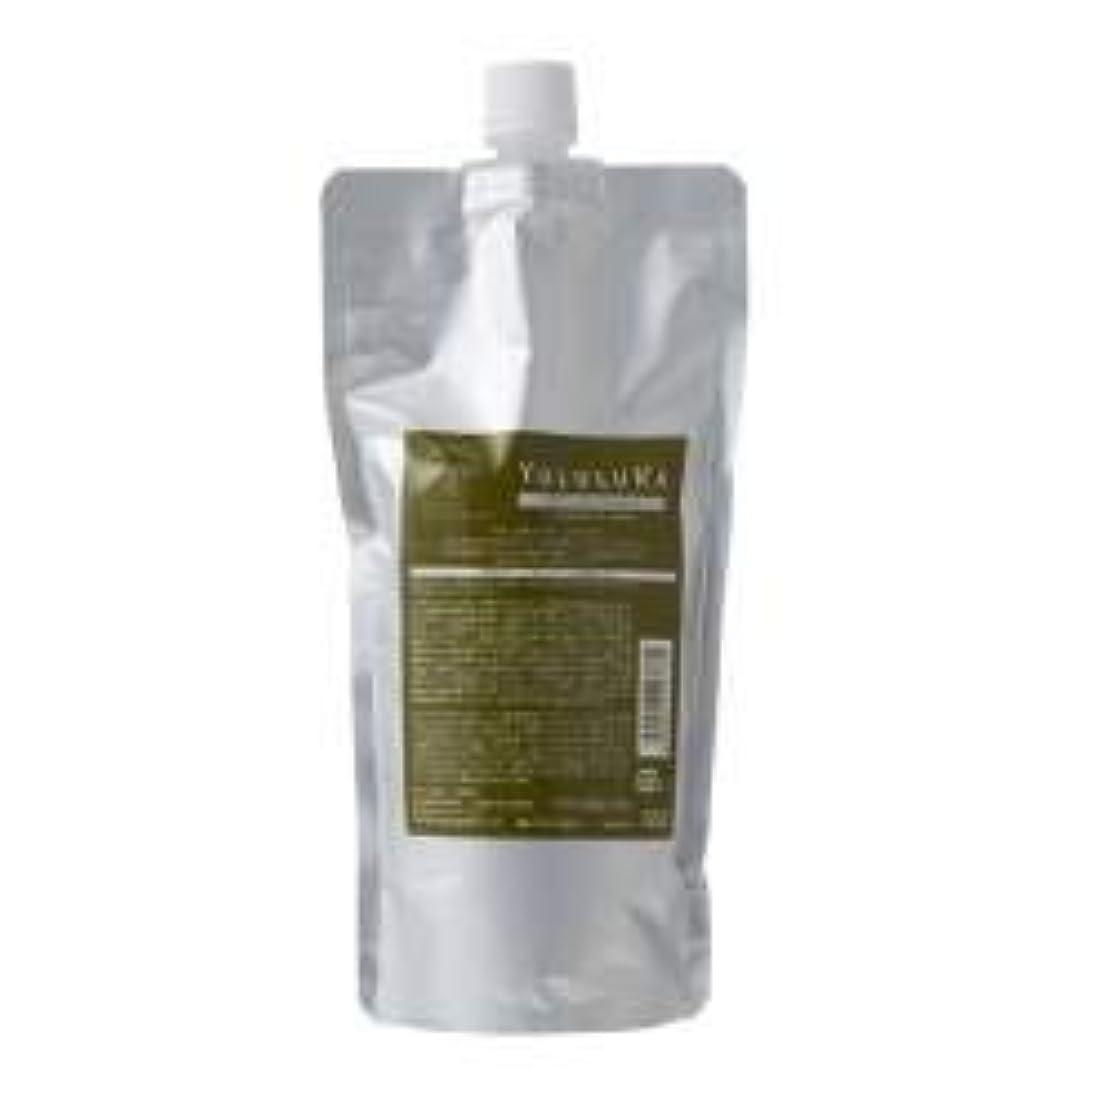 集中的なクリームペッカディロユルルカ フローラルリペア シャンプー詰替用(500mL)